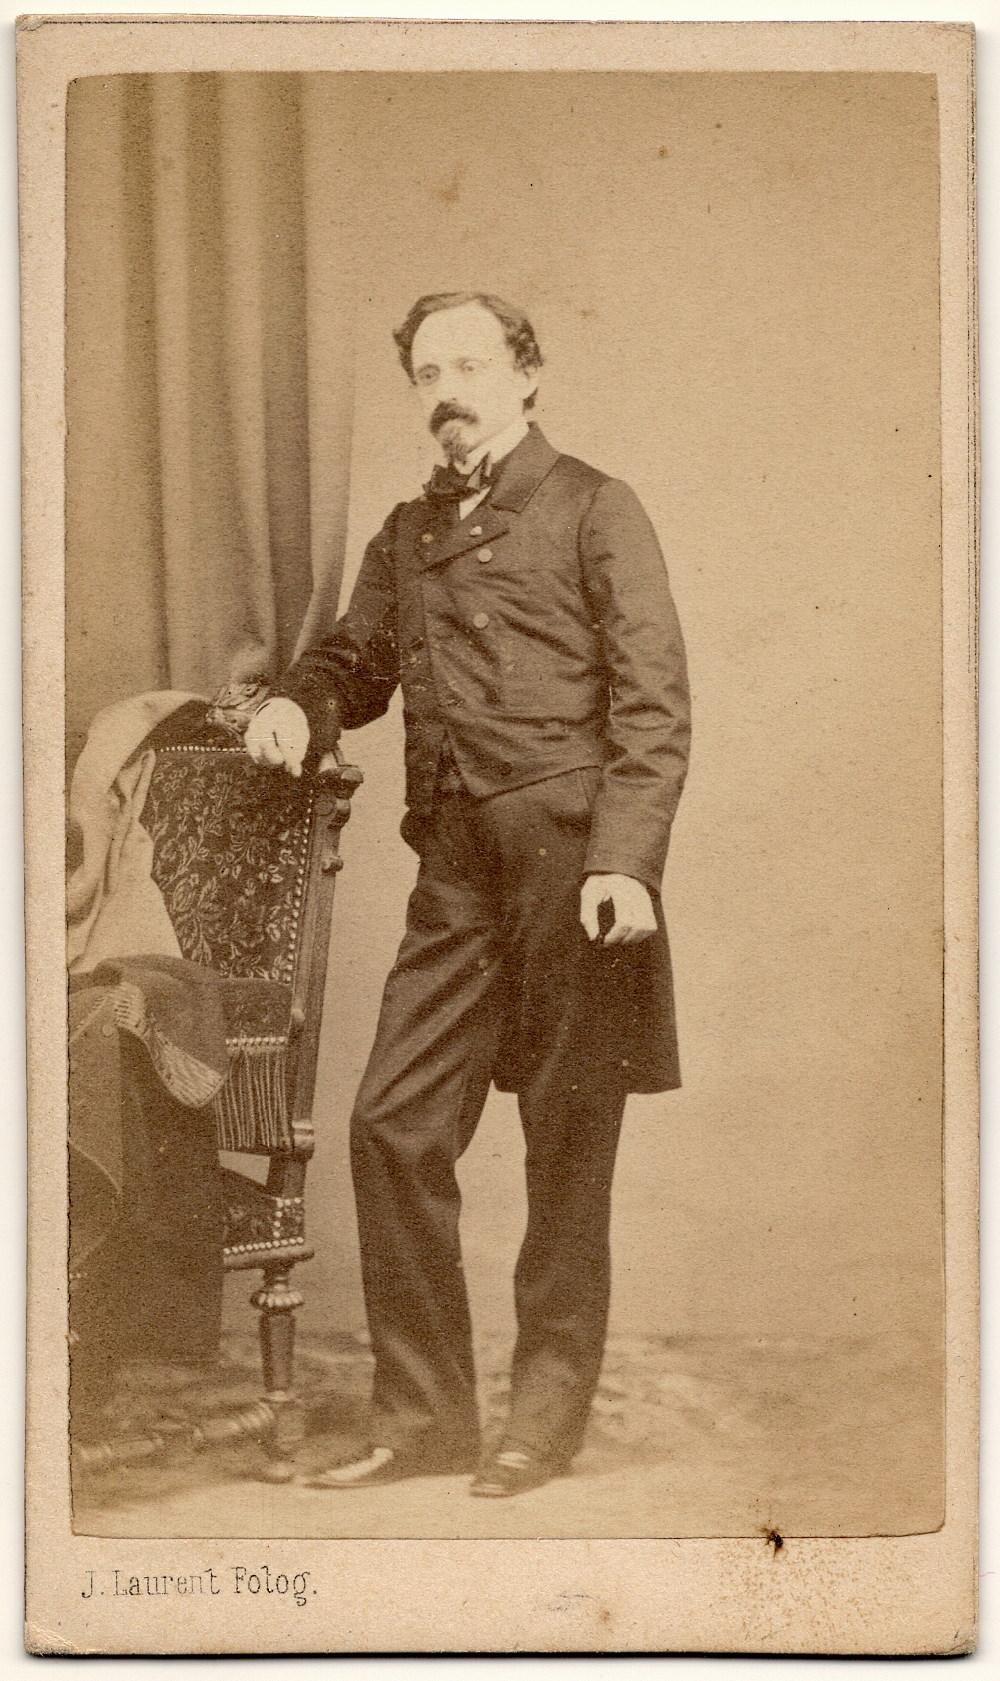 Federico de Madrazo fotografiado por J. Laurent. Colección de Emiliano Cano